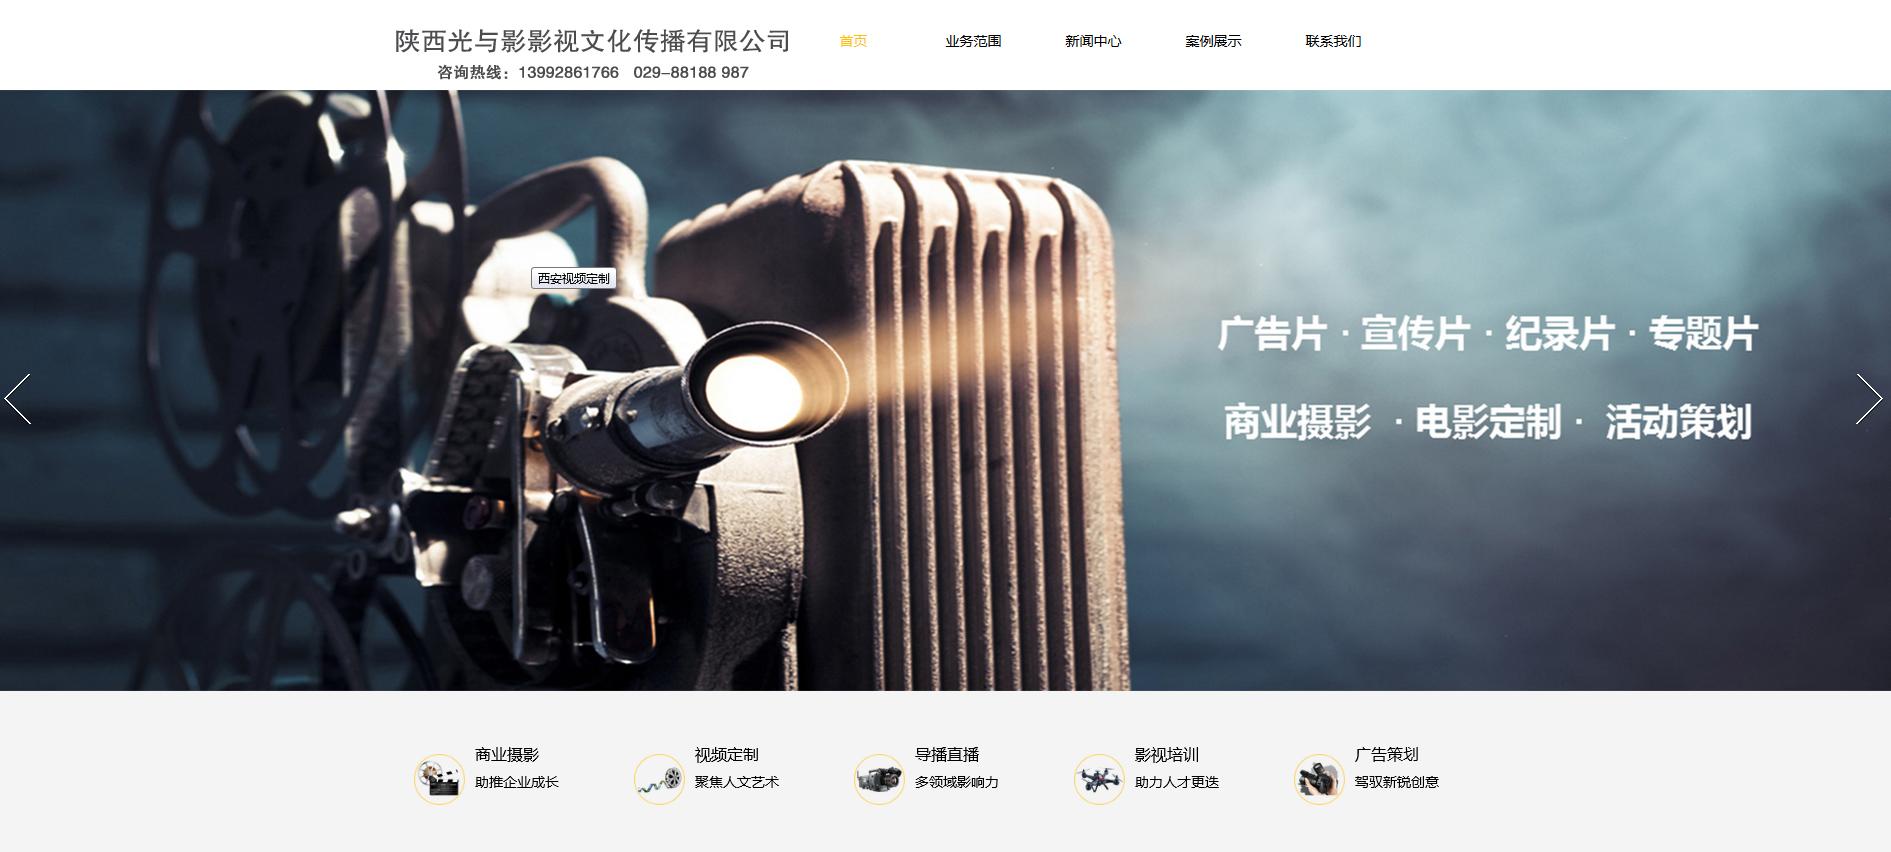 祝贺陕西光与影影视文化传播有限公司上线!